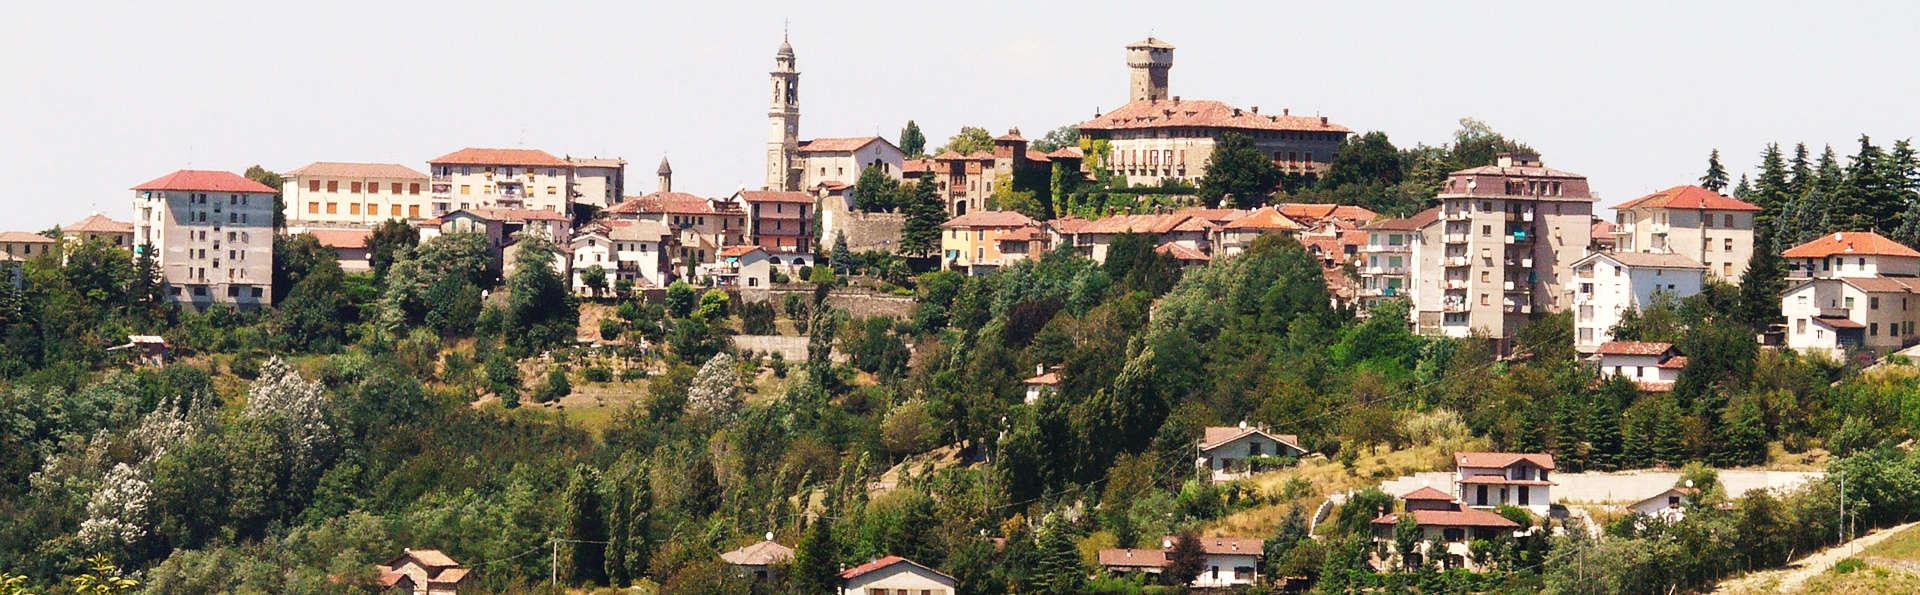 Albergo Ristorante Villa Ester - EDIT_destination3.jpg